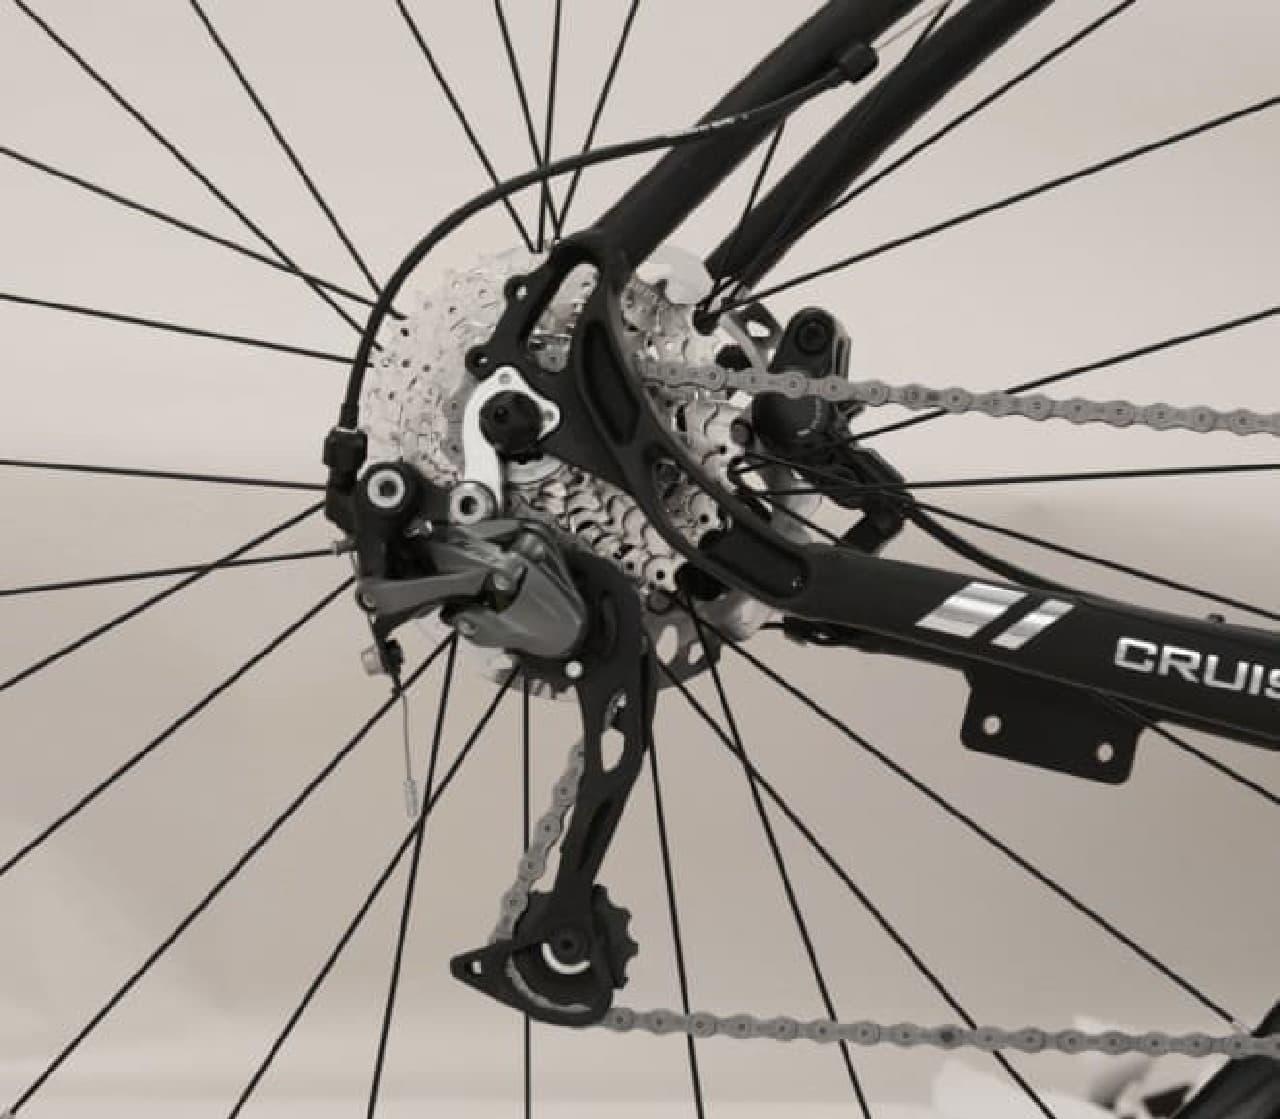 クロスバイクタイプの電動アシスト自転車「CRUISE」